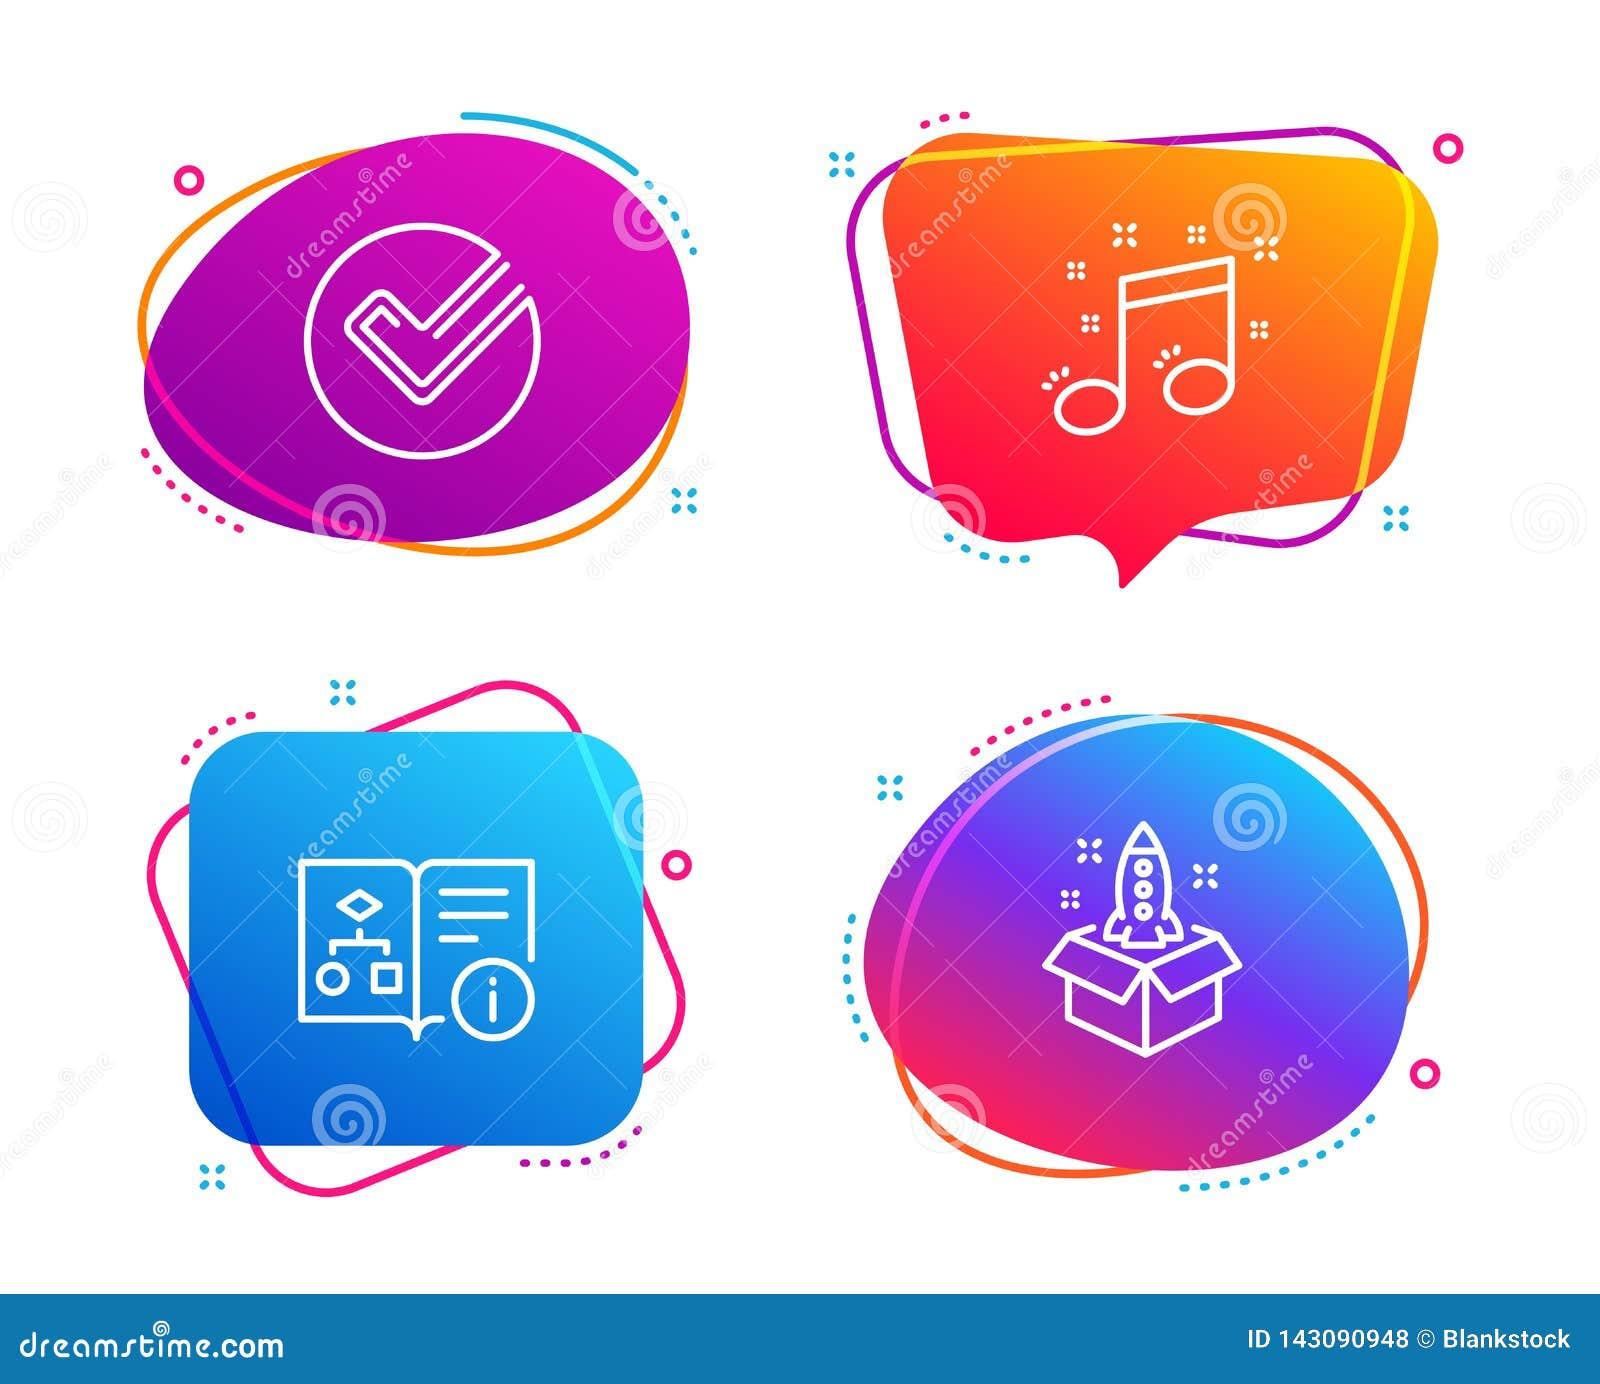 Verifiera, den tekniska algoritmen och symbolsuppsättningen för musikalisk anmärkning Startup tecken Valt val, projekt doc, musik